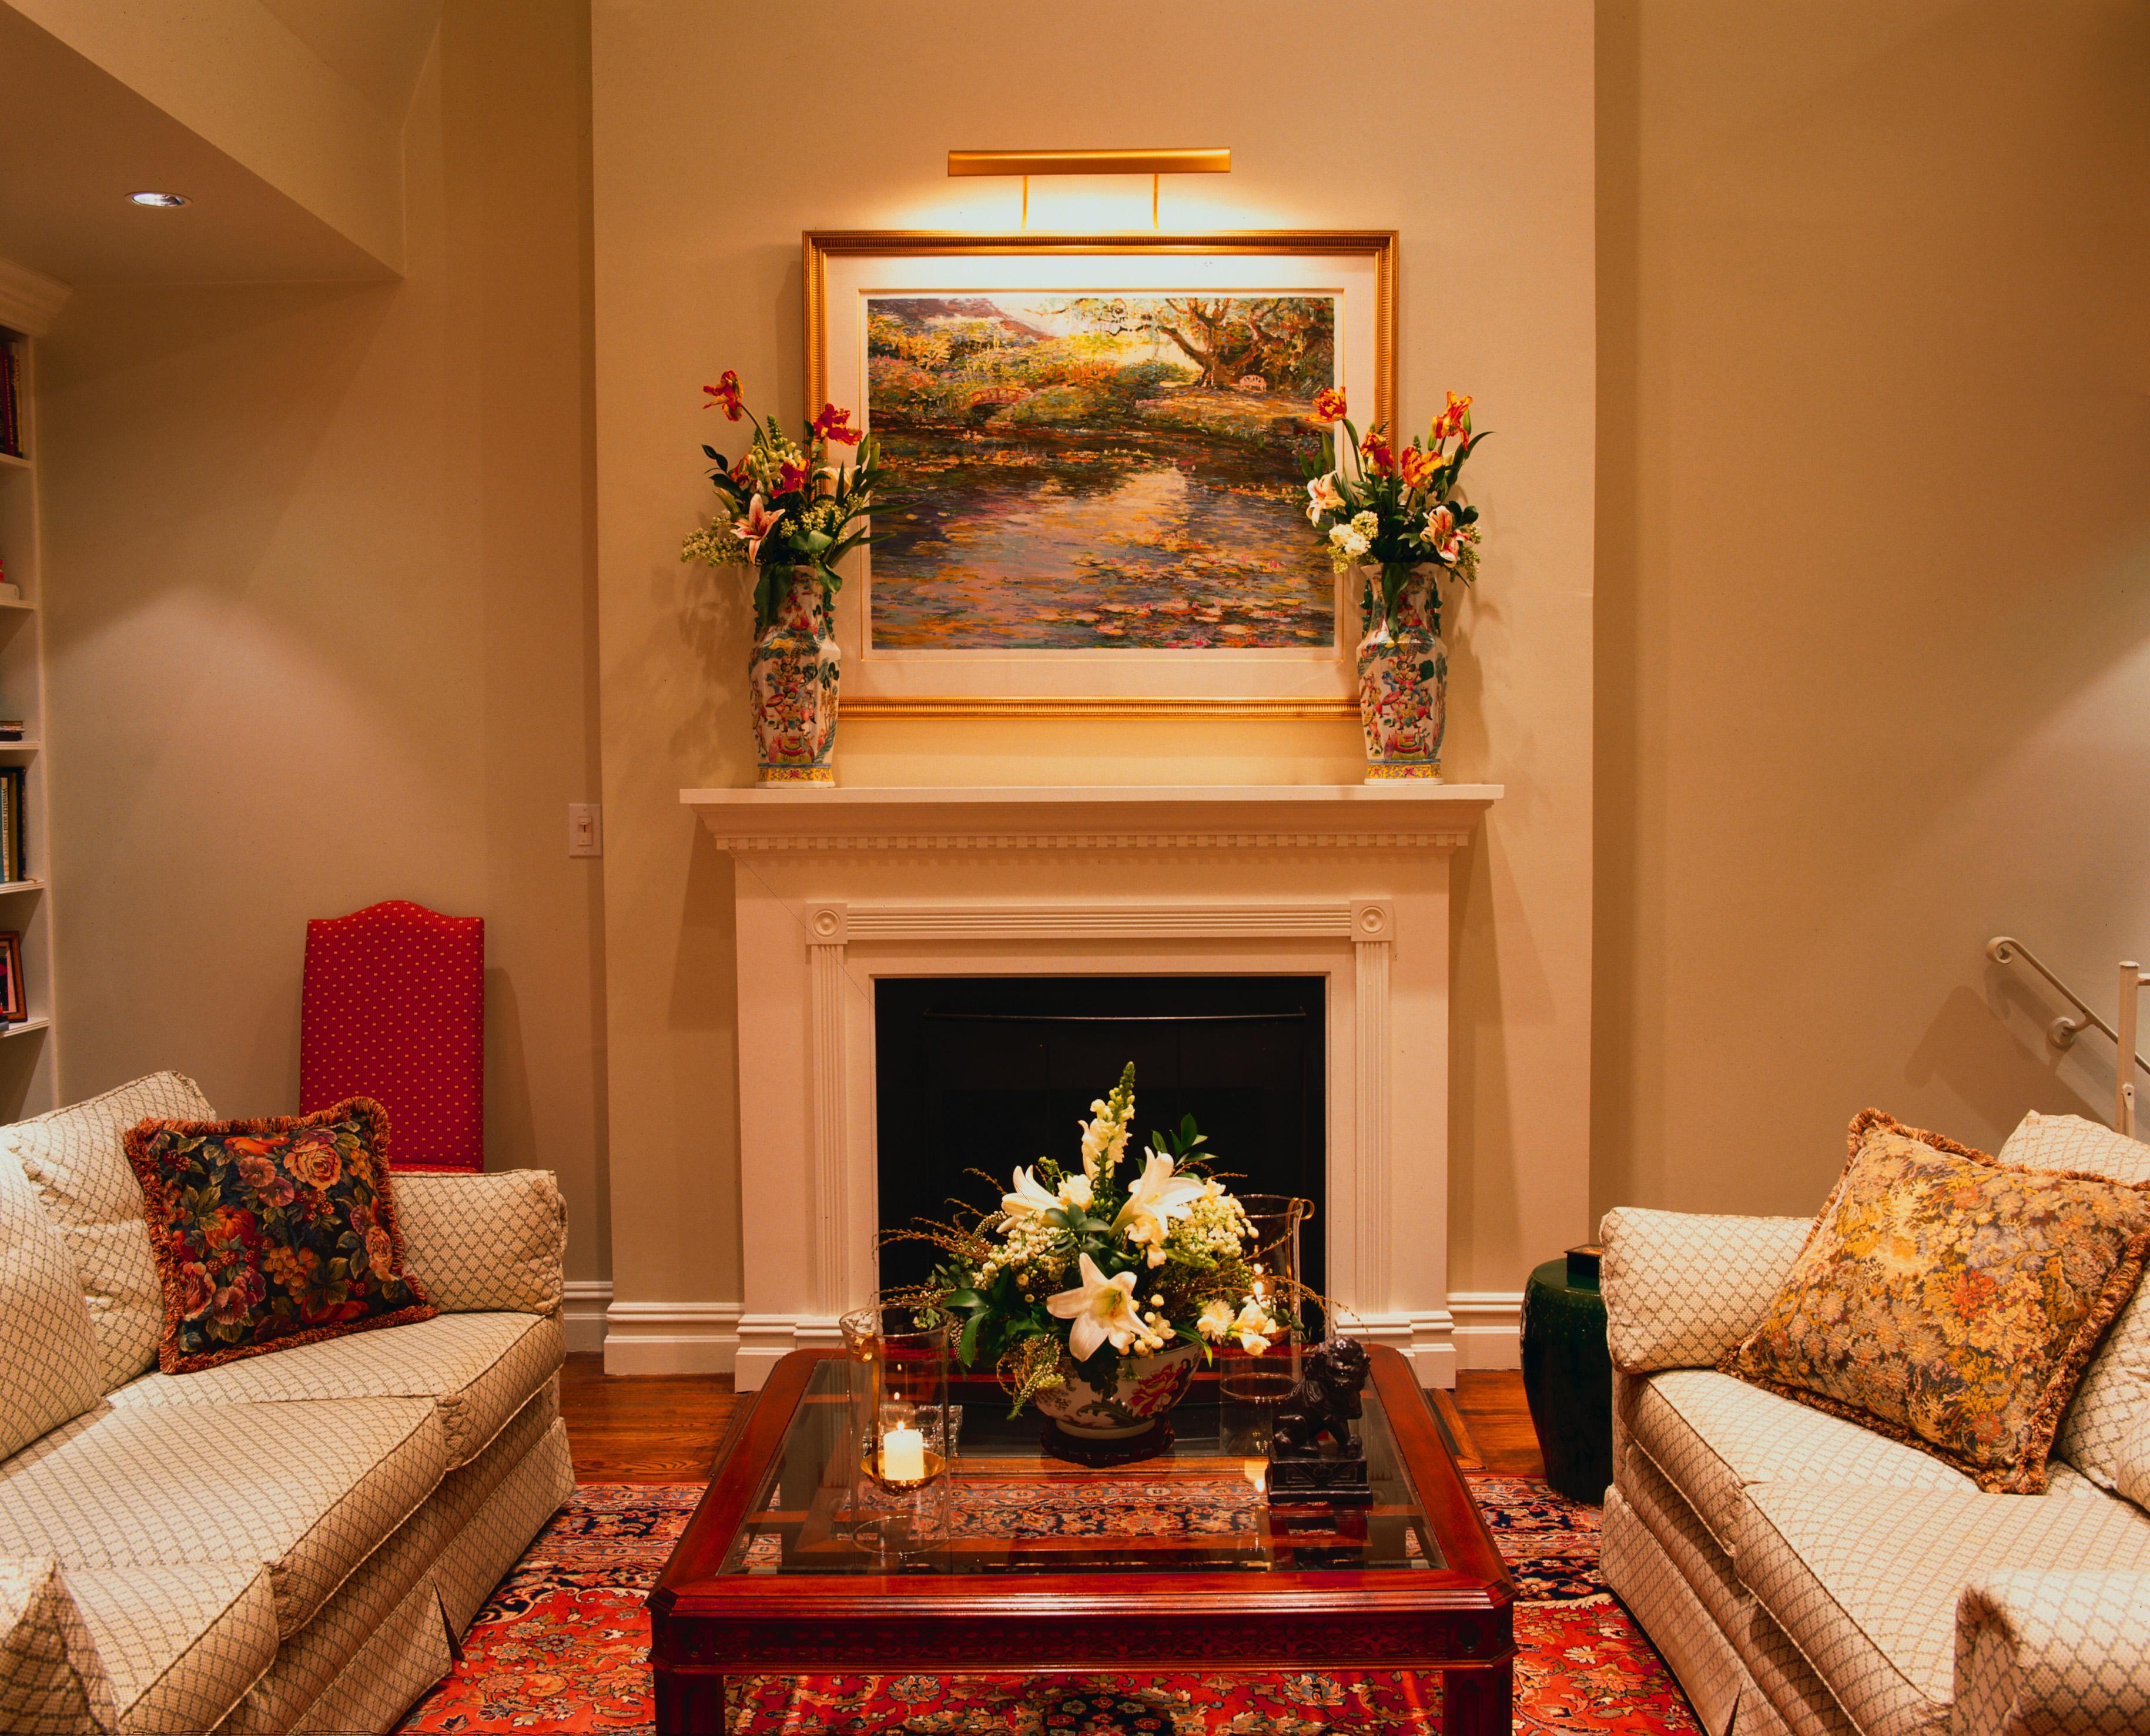 Фото интерьер комнаты с камином